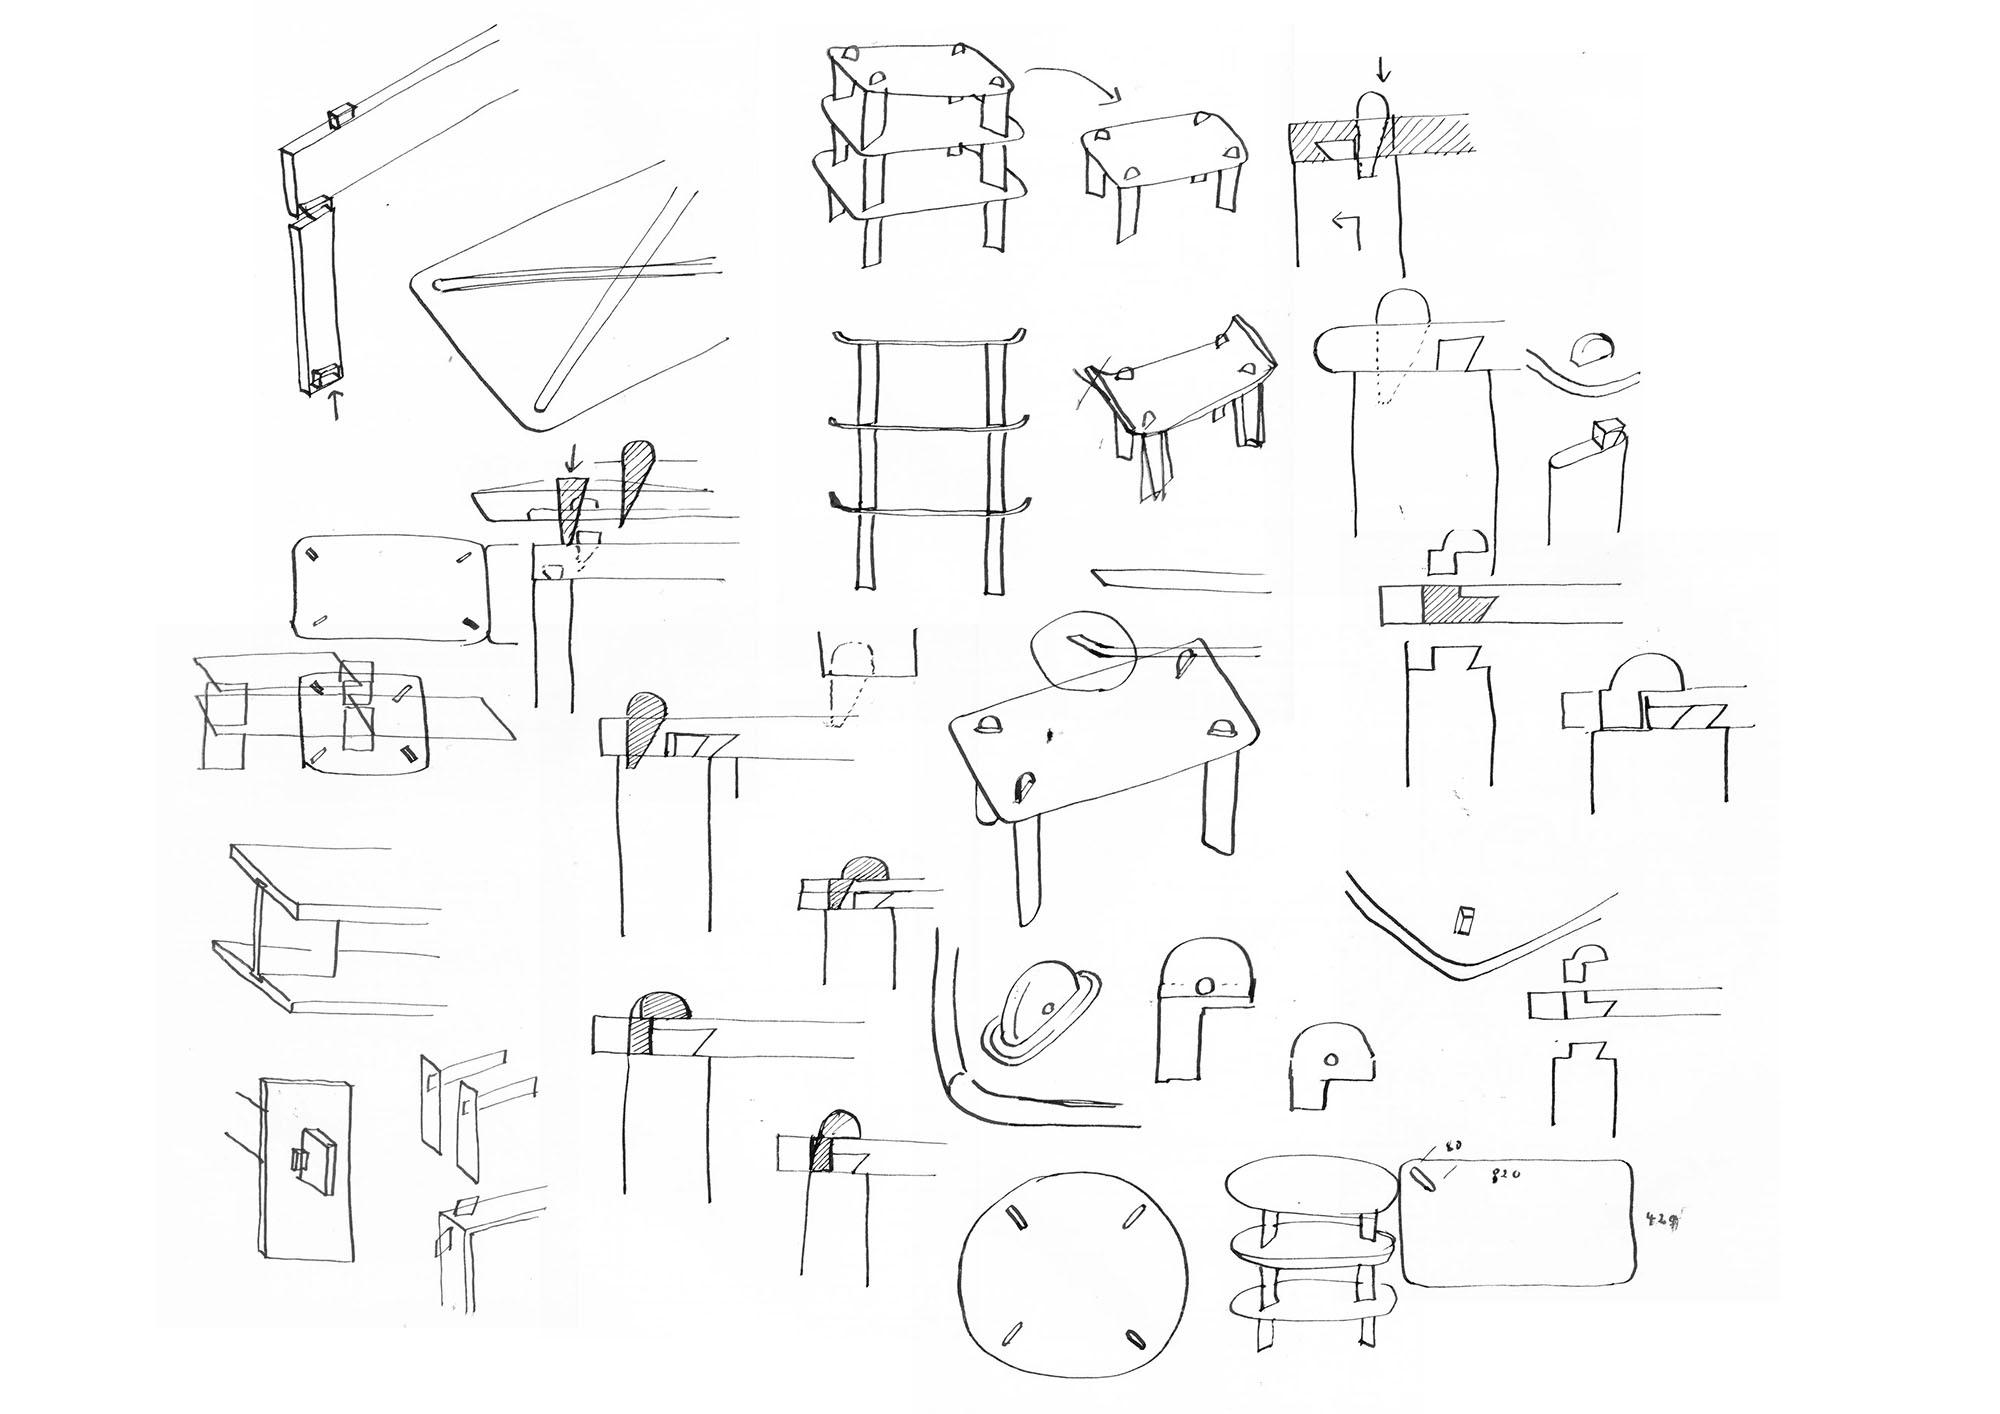 Tai ho Shin_Ikare_Sketches 1